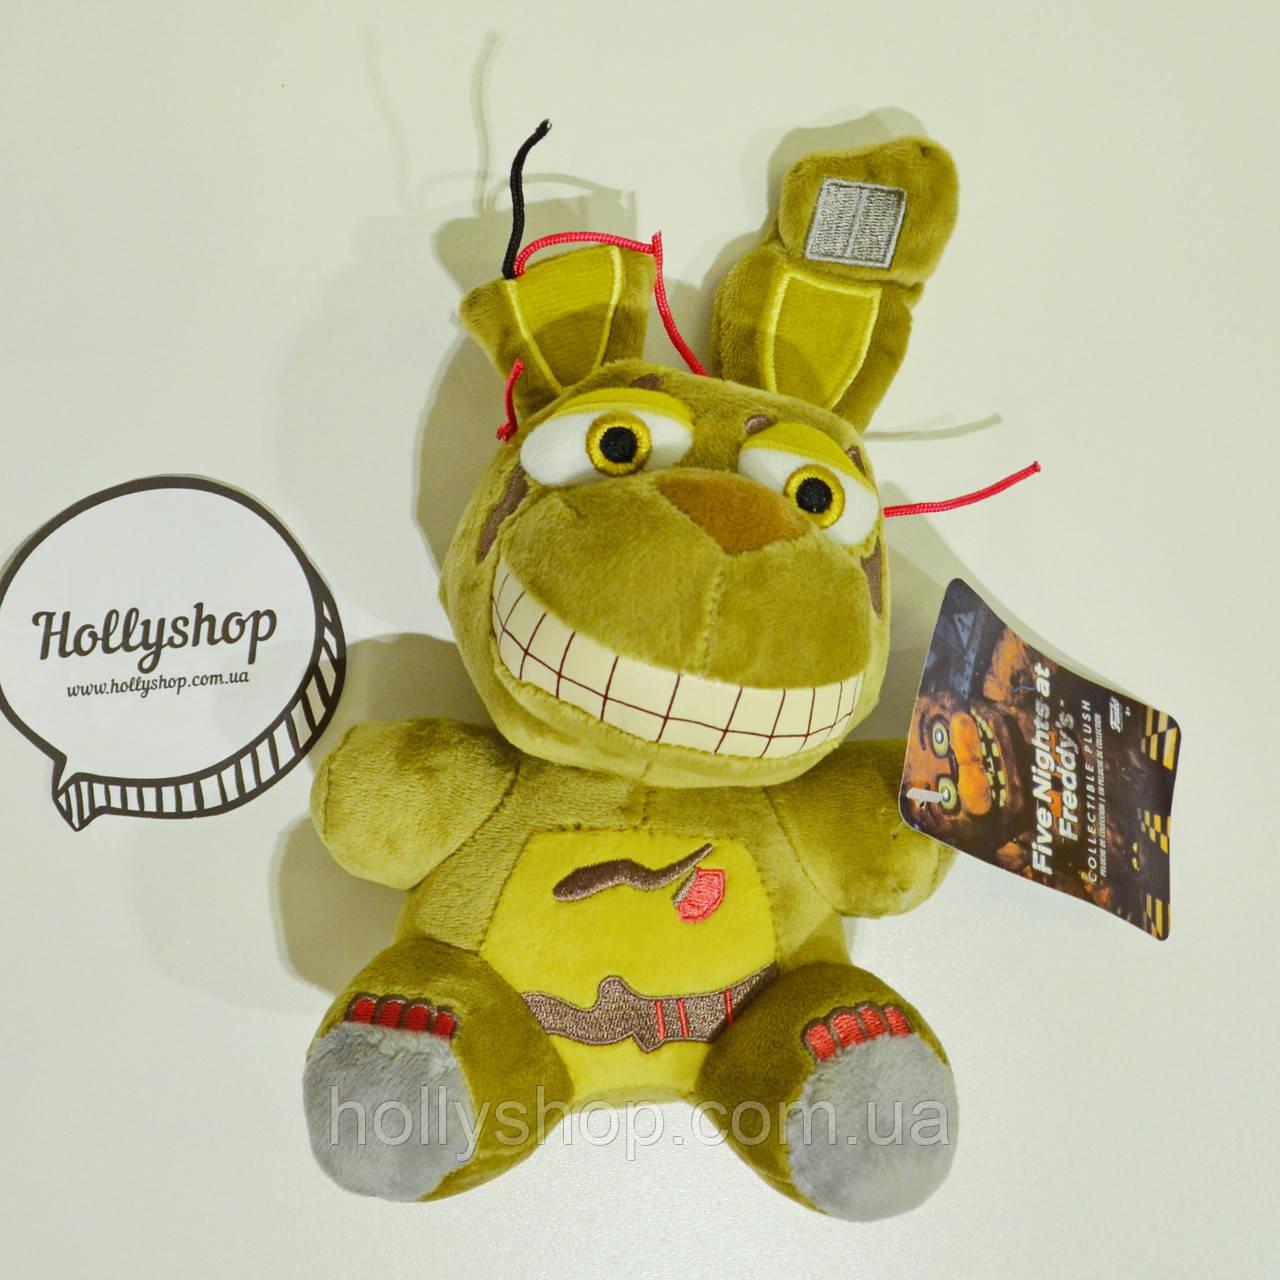 Мягкая игрушка Пять ночей с Фредди аниматроник - Спрингтрап Springtrap 18см